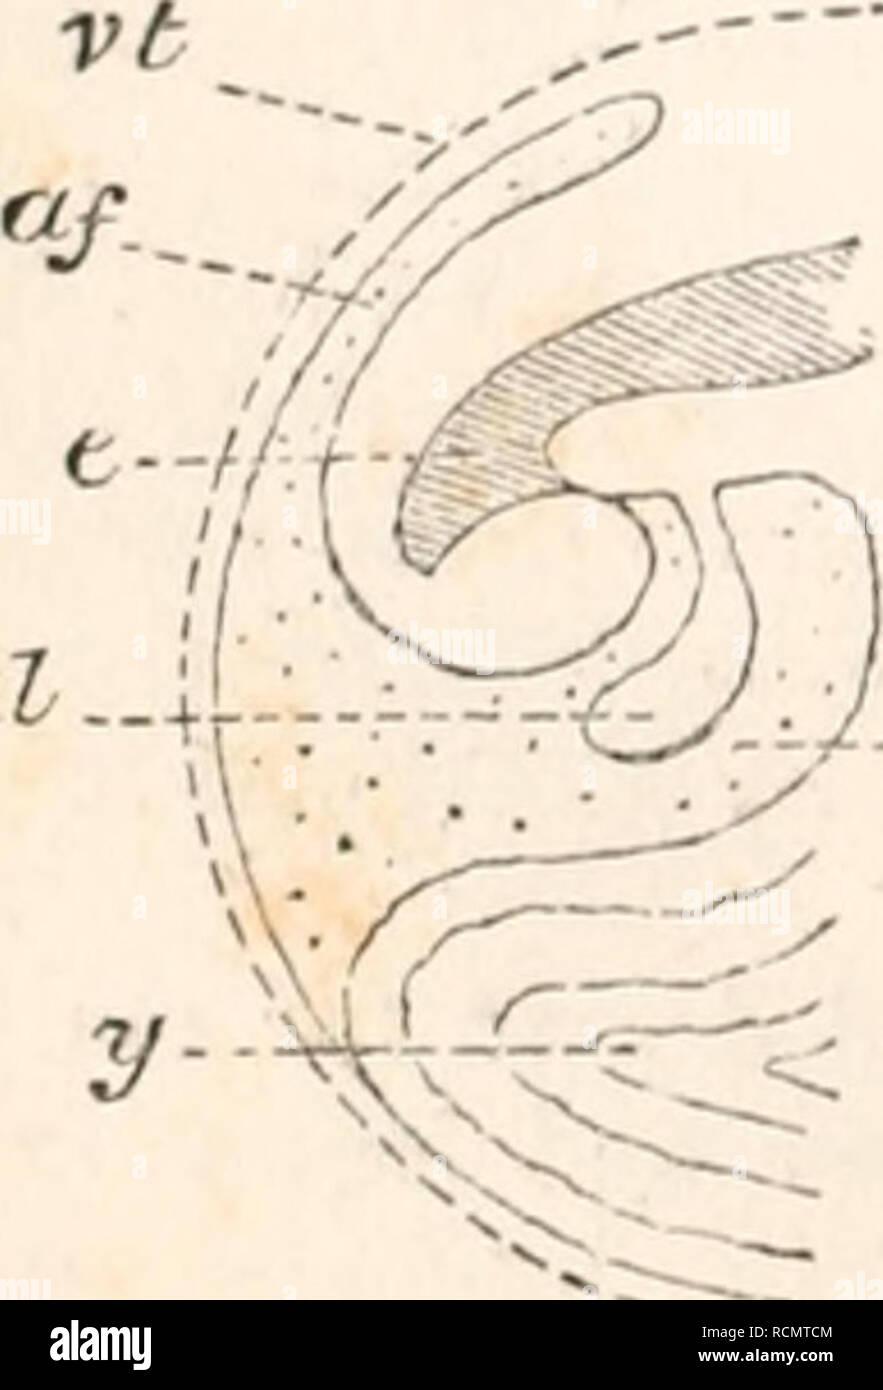 . Les éléments d'embryologie. Poulets -- les embryons. G al-i:. - J?p JBP AC-4U-J al-.-'&Lt;. Veuillez noter que ces images sont extraites de la page numérisée des images qui peuvent avoir été retouchées numériquement pour plus de lisibilité - coloration et l'aspect de ces illustrations ne peut pas parfaitement ressembler à l'œuvre originale.. Foster, M. (Michael), Sir, 1836-1907; Balfour, Francis M. (Francis Maitland), 1851-1882. Londres, Macmillan et co. Photo Stock